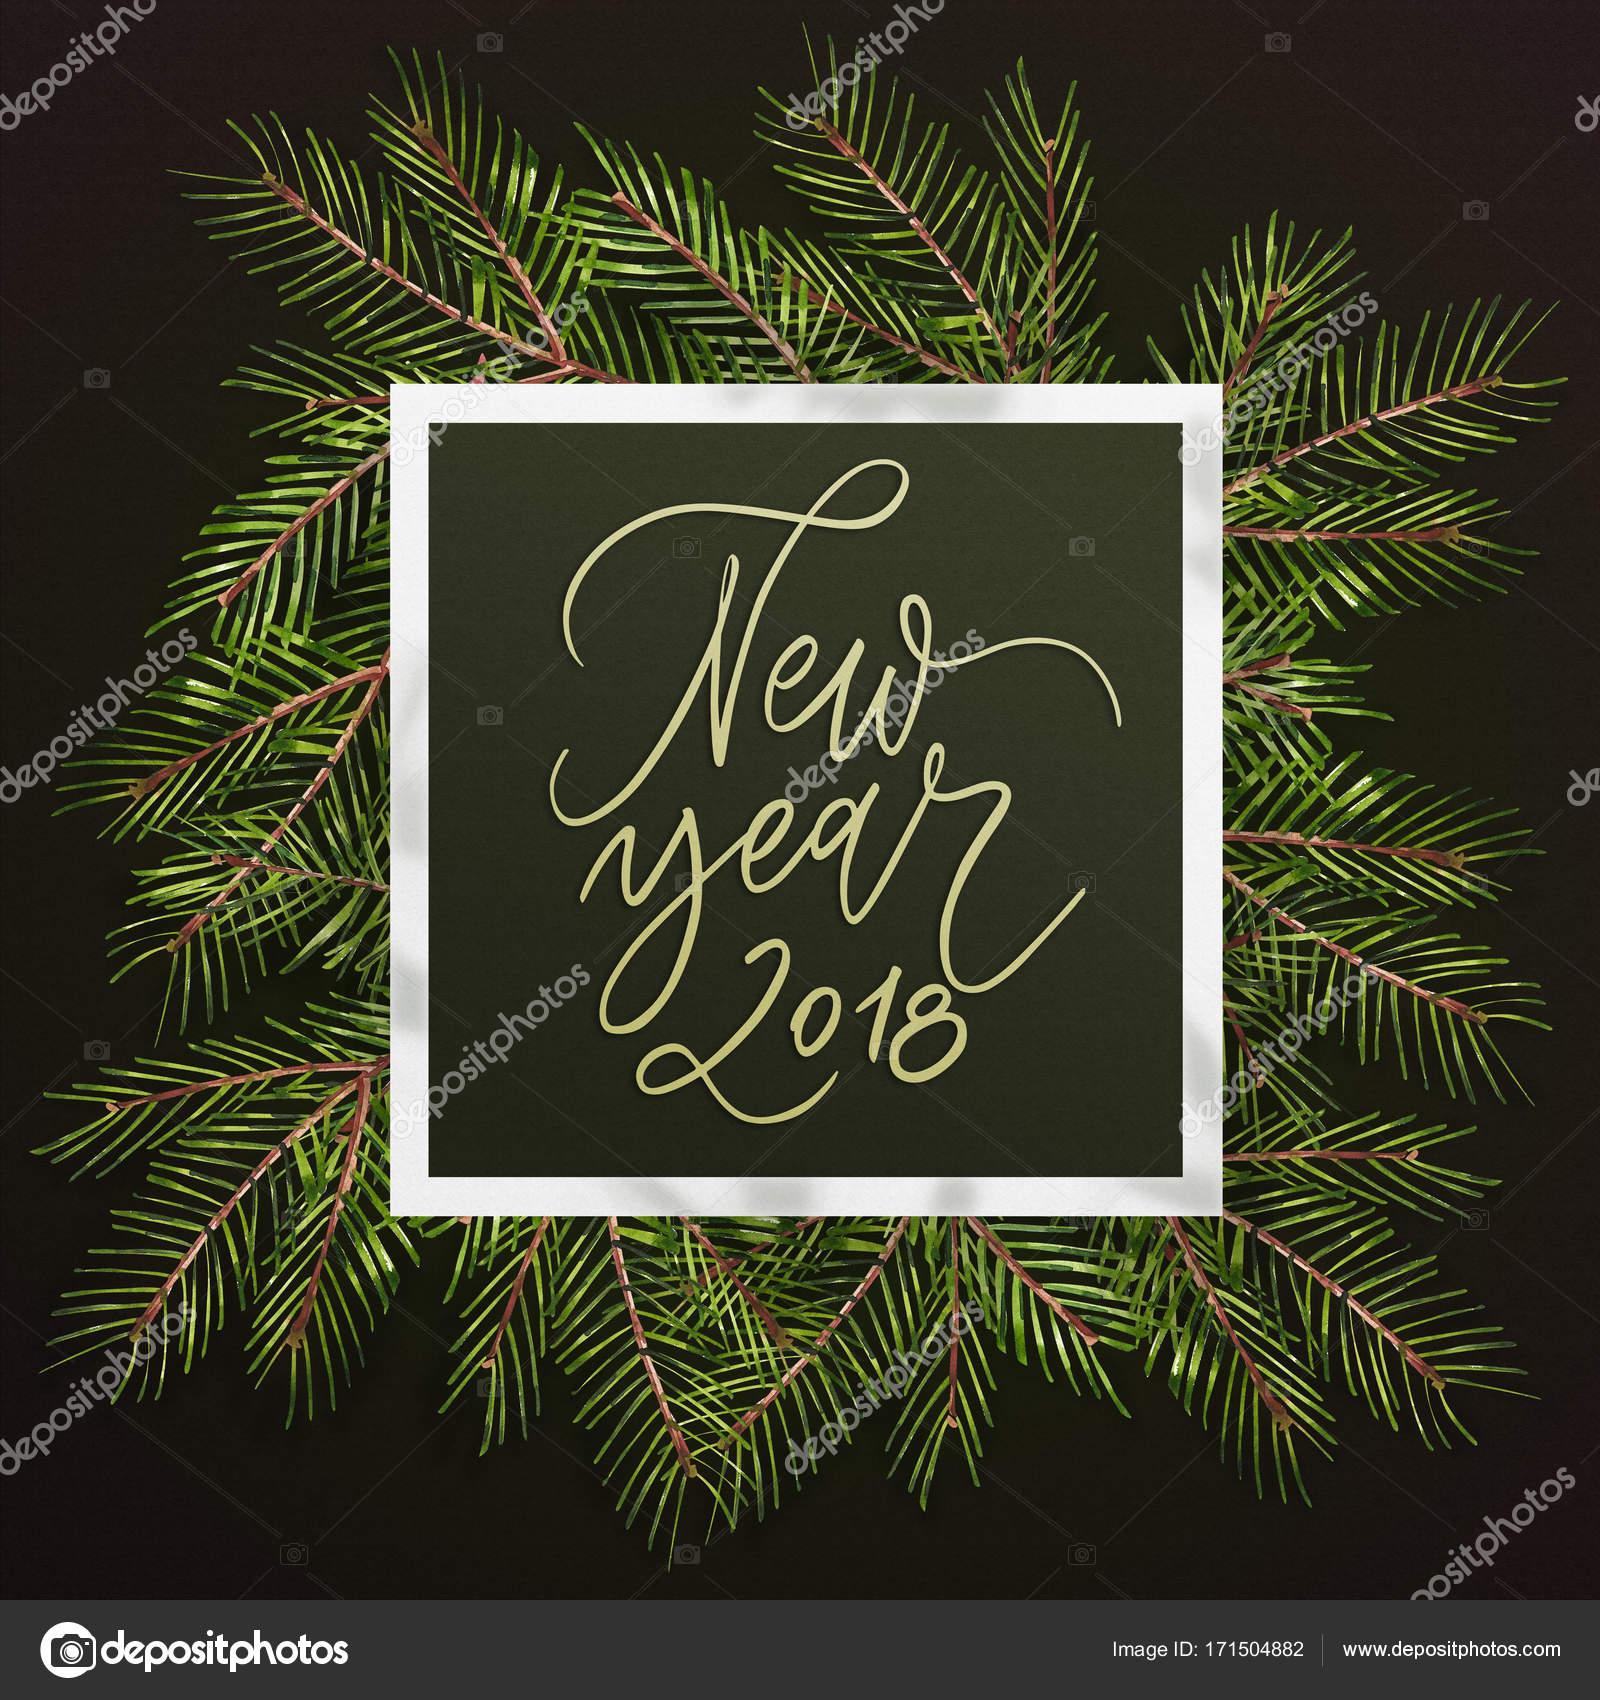 Feliz Ano Novo 2018 Frase Texto De Natal Pinheiro Ramos Fundo